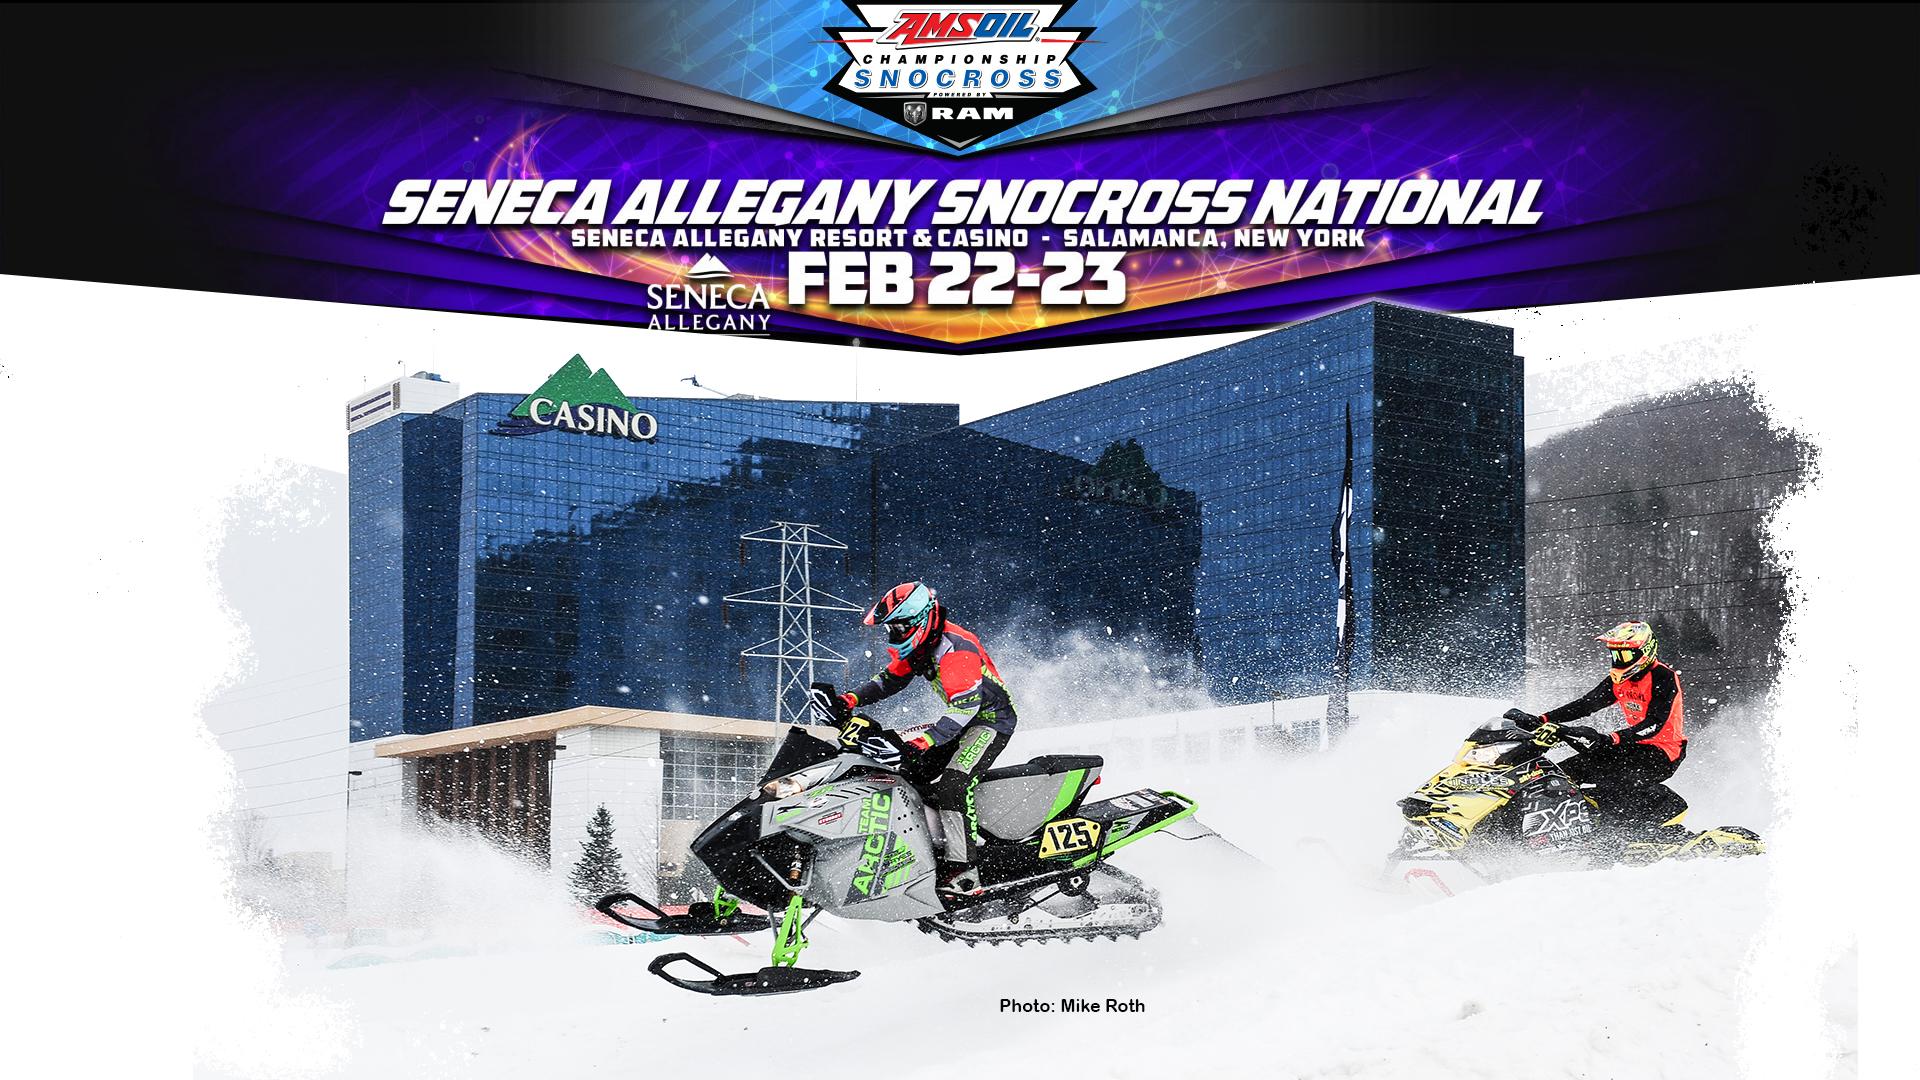 AMSOIL Snocross National at the Senca Allegany Casino